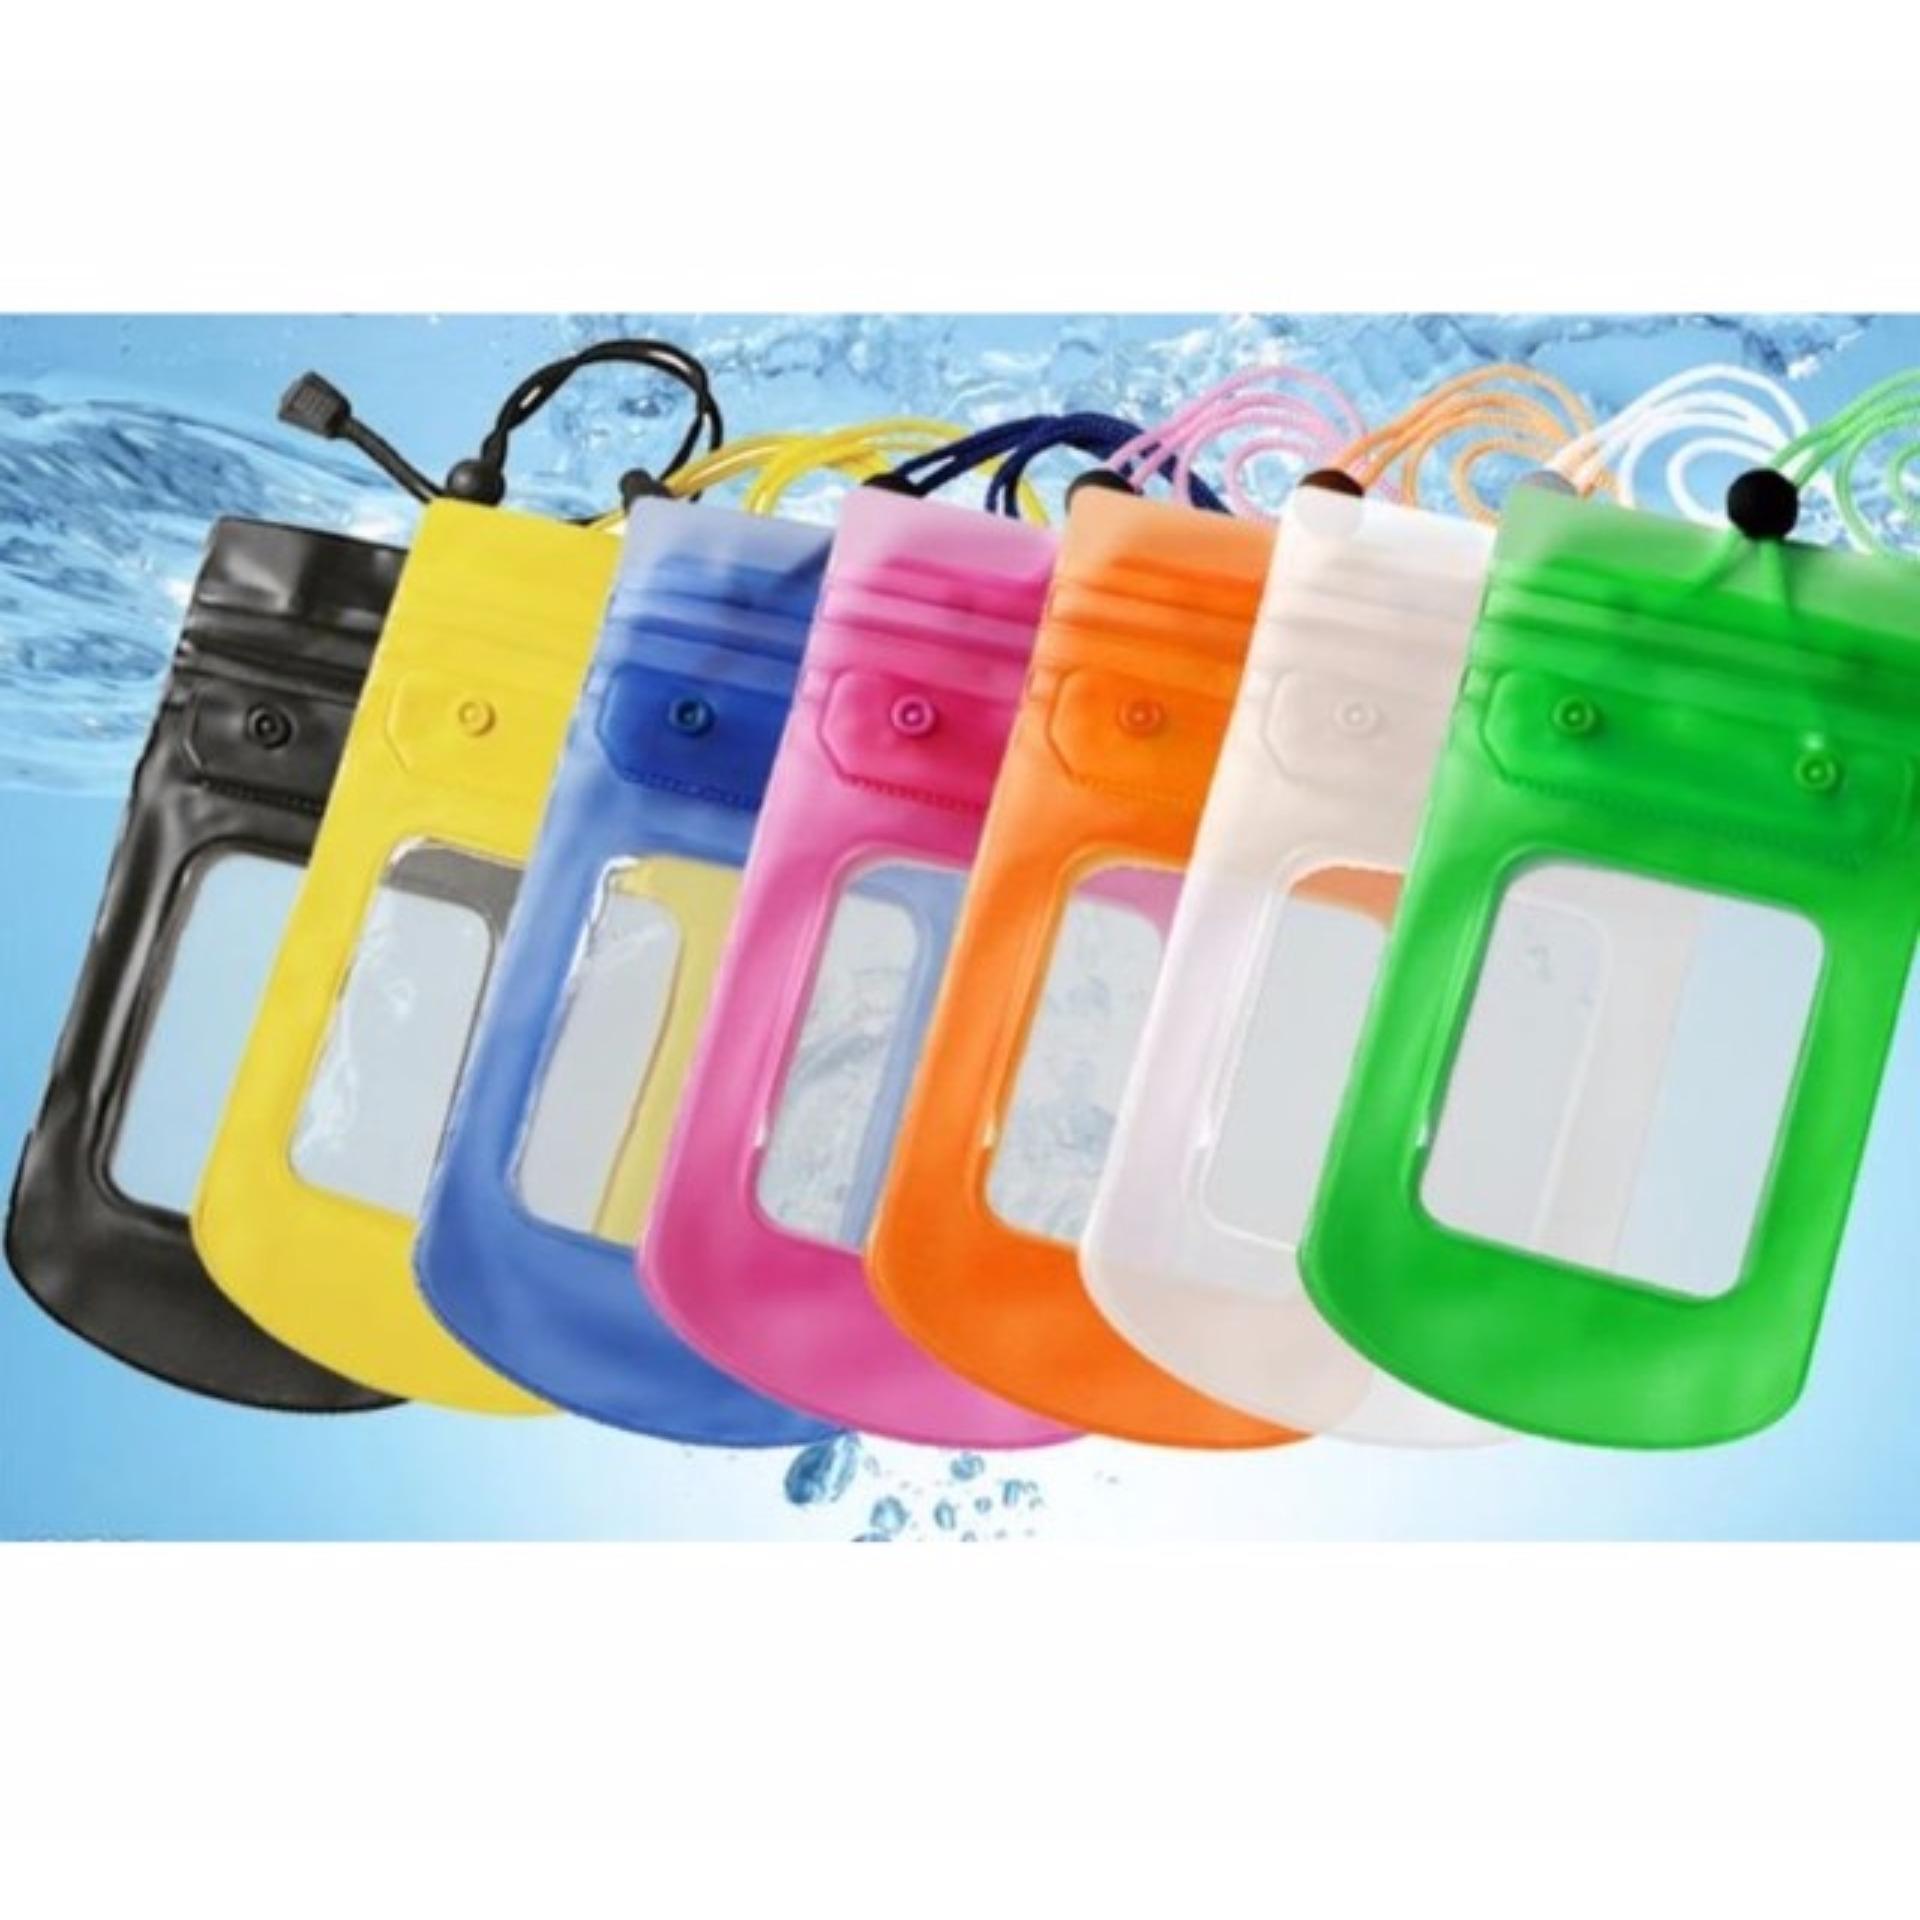 Túi chống nước điện thoại dưới 6inch